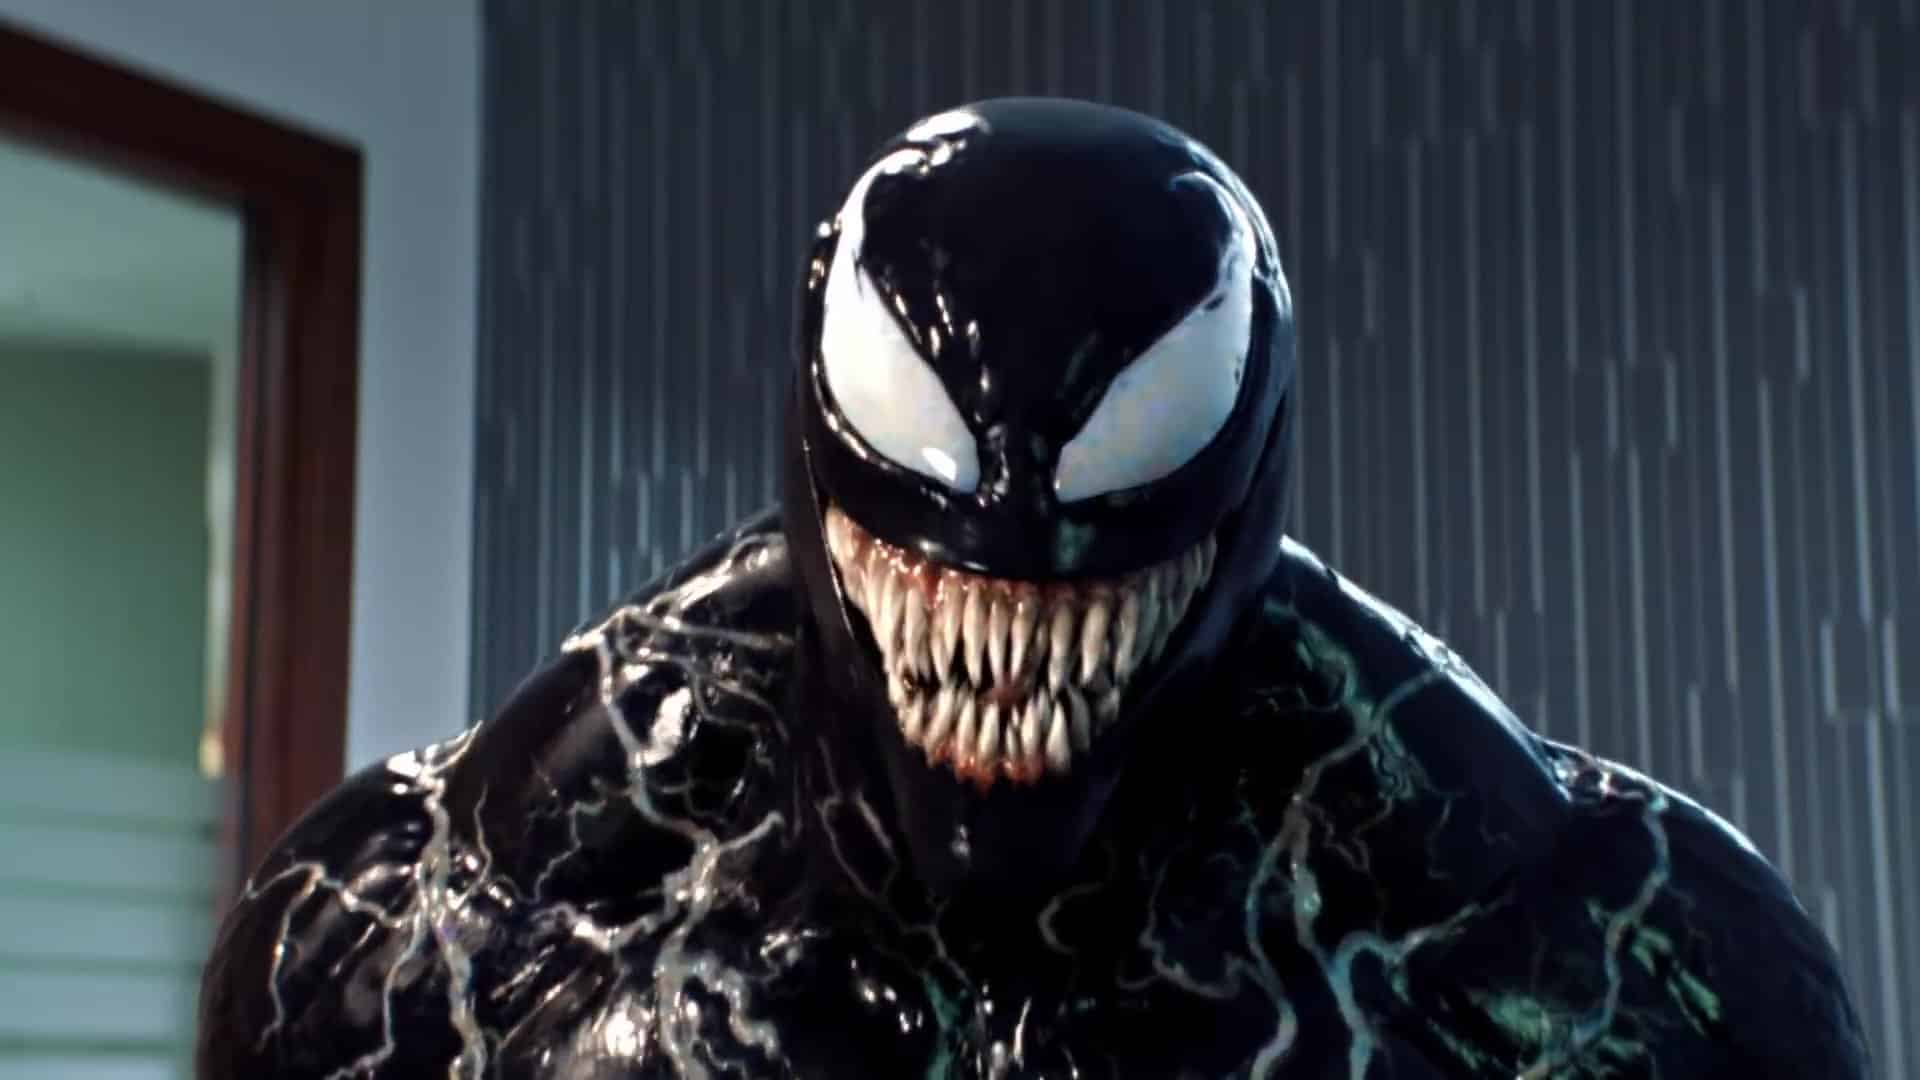 Venom 2, uscita al cinema ufficialmente rimandata: le parole di Tony Vinciquerra